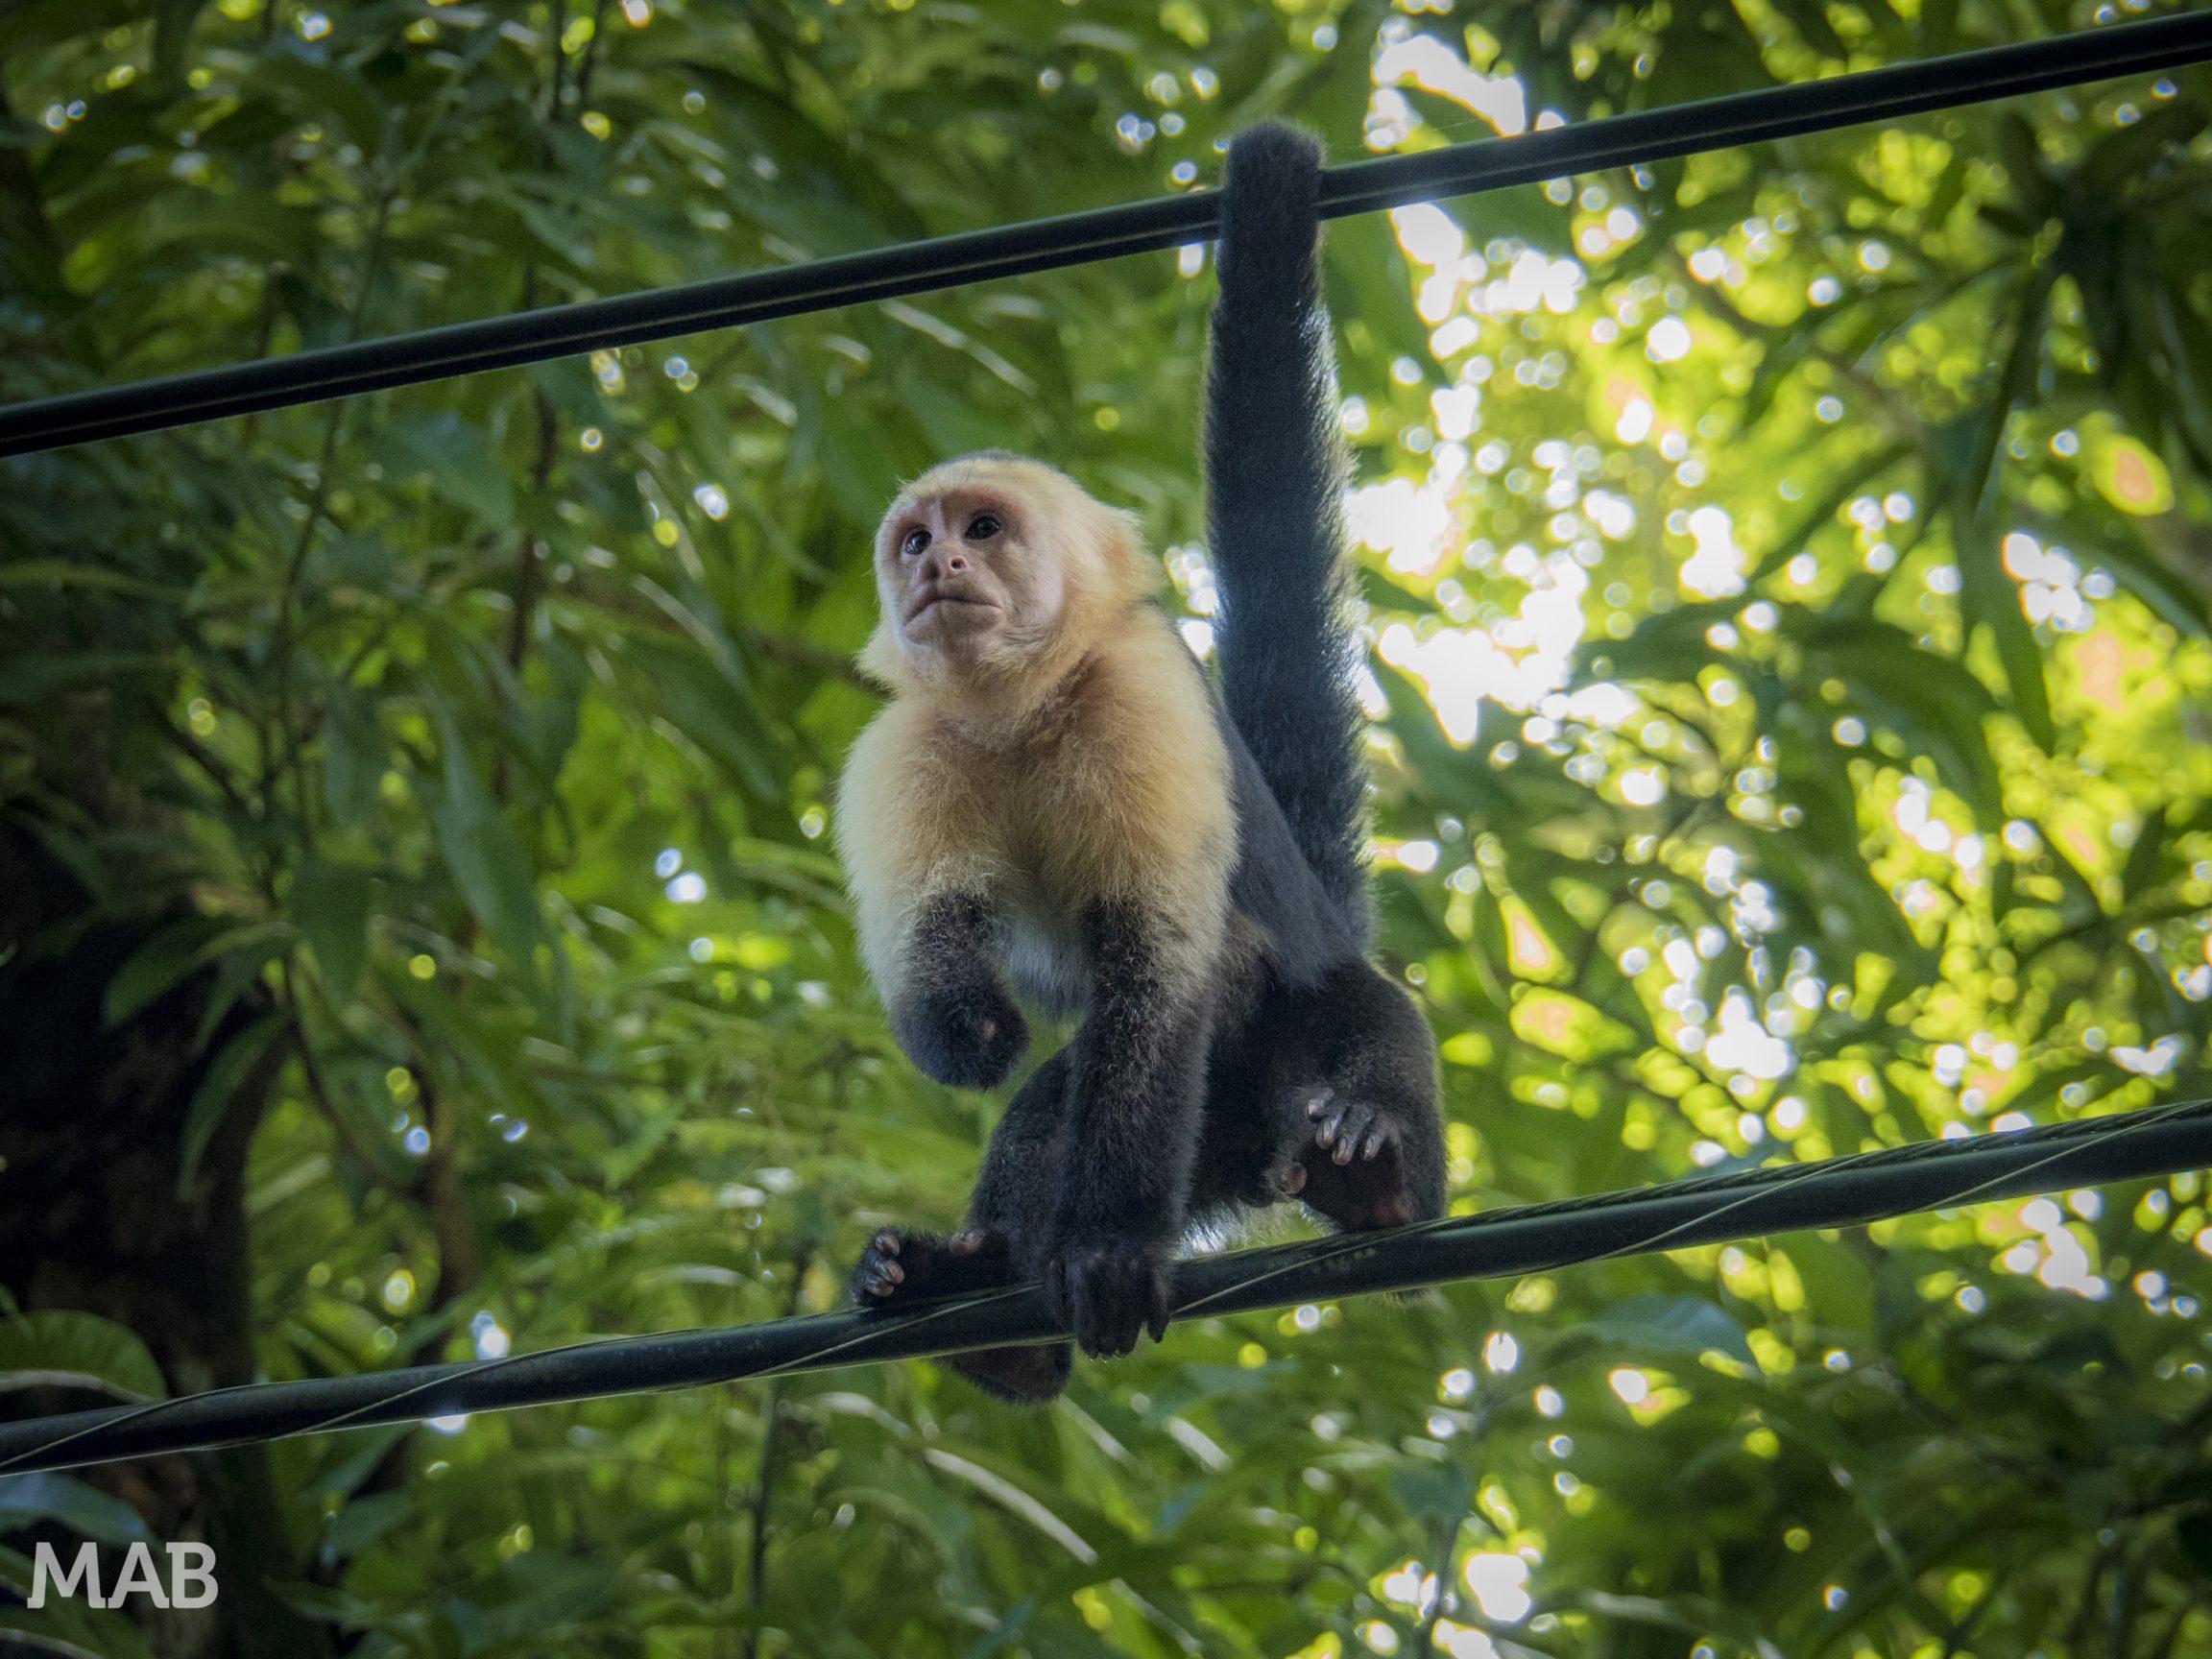 Capuchin Monkey Lost His Hand